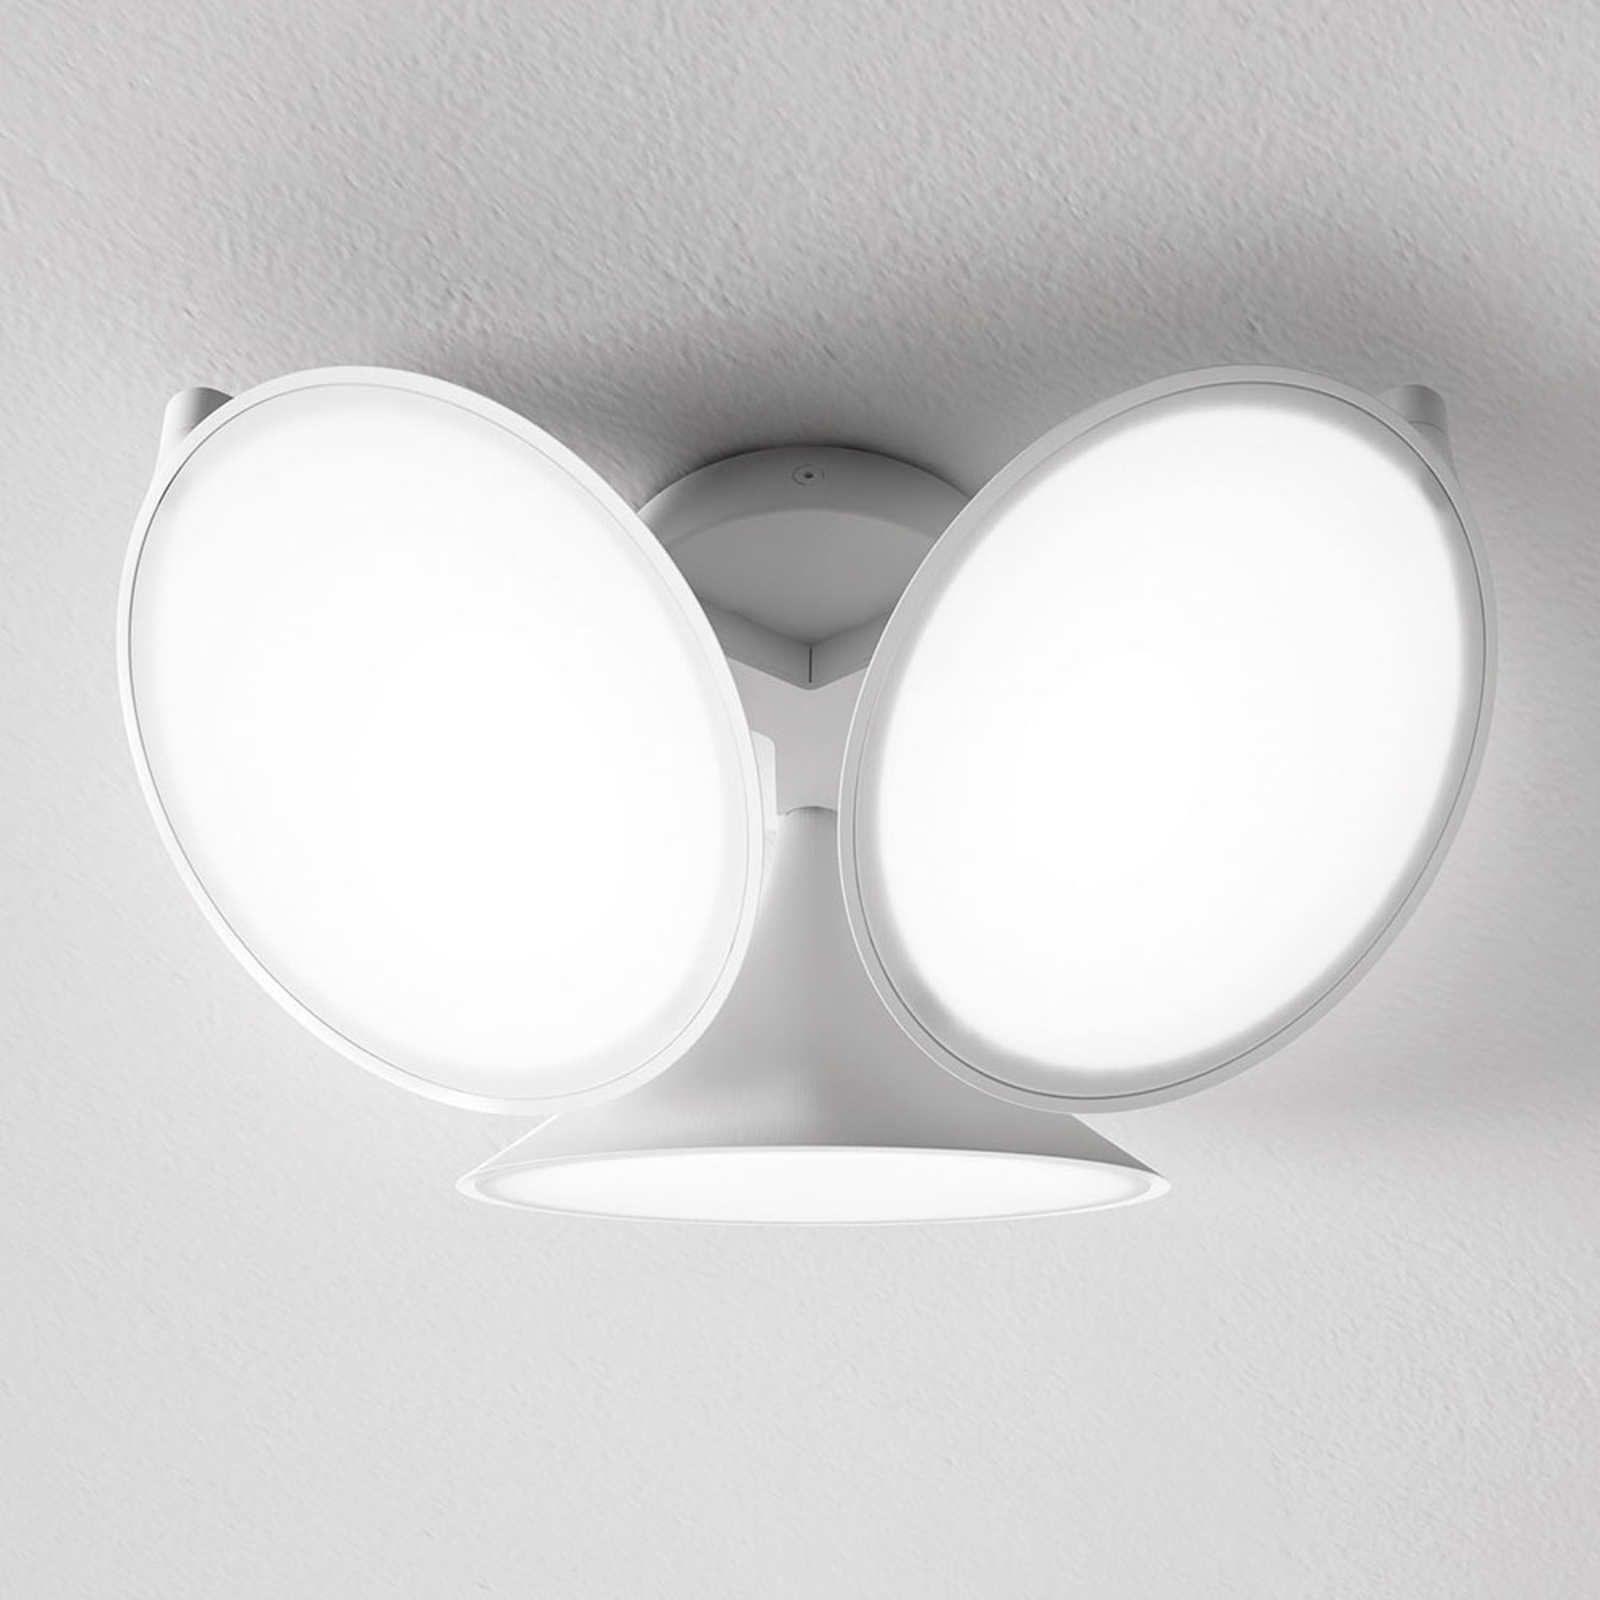 Axolight Orchid LED-Deckenleuchte, weiß